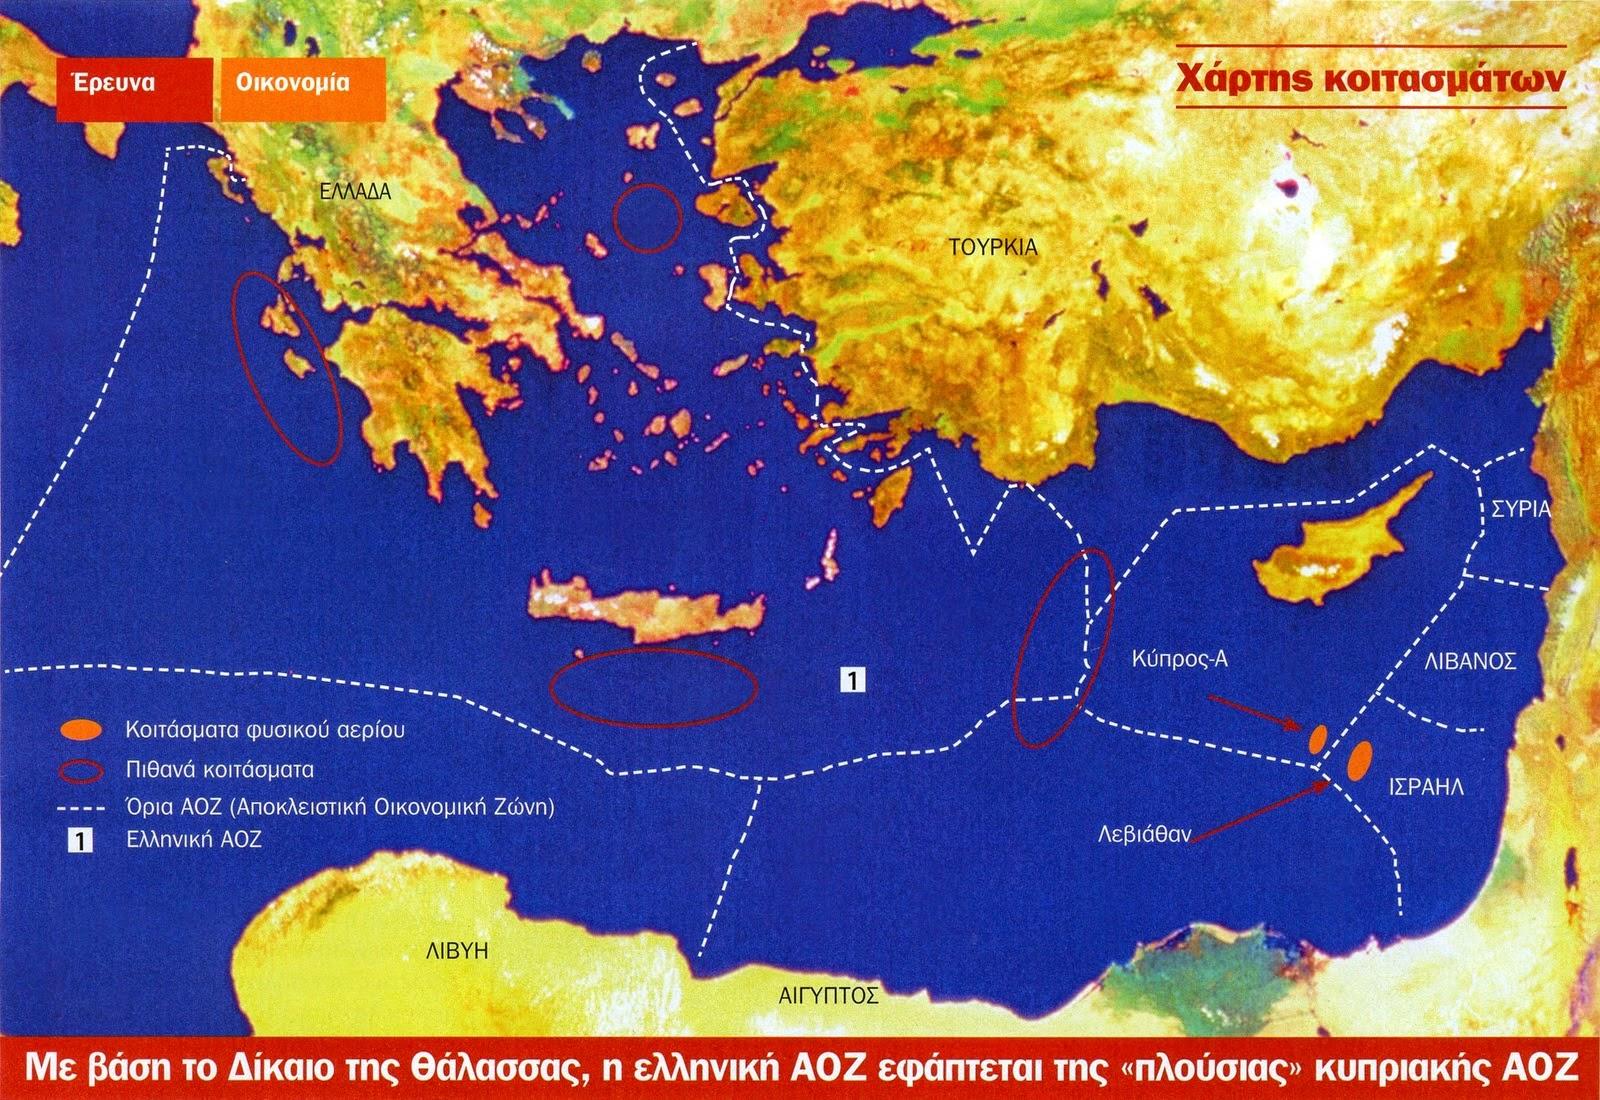 Κοιτάσματα για 200 χρόνια γύρω από την Κρήτη   ΜΕΤΩΠΟ ΟΧΙ